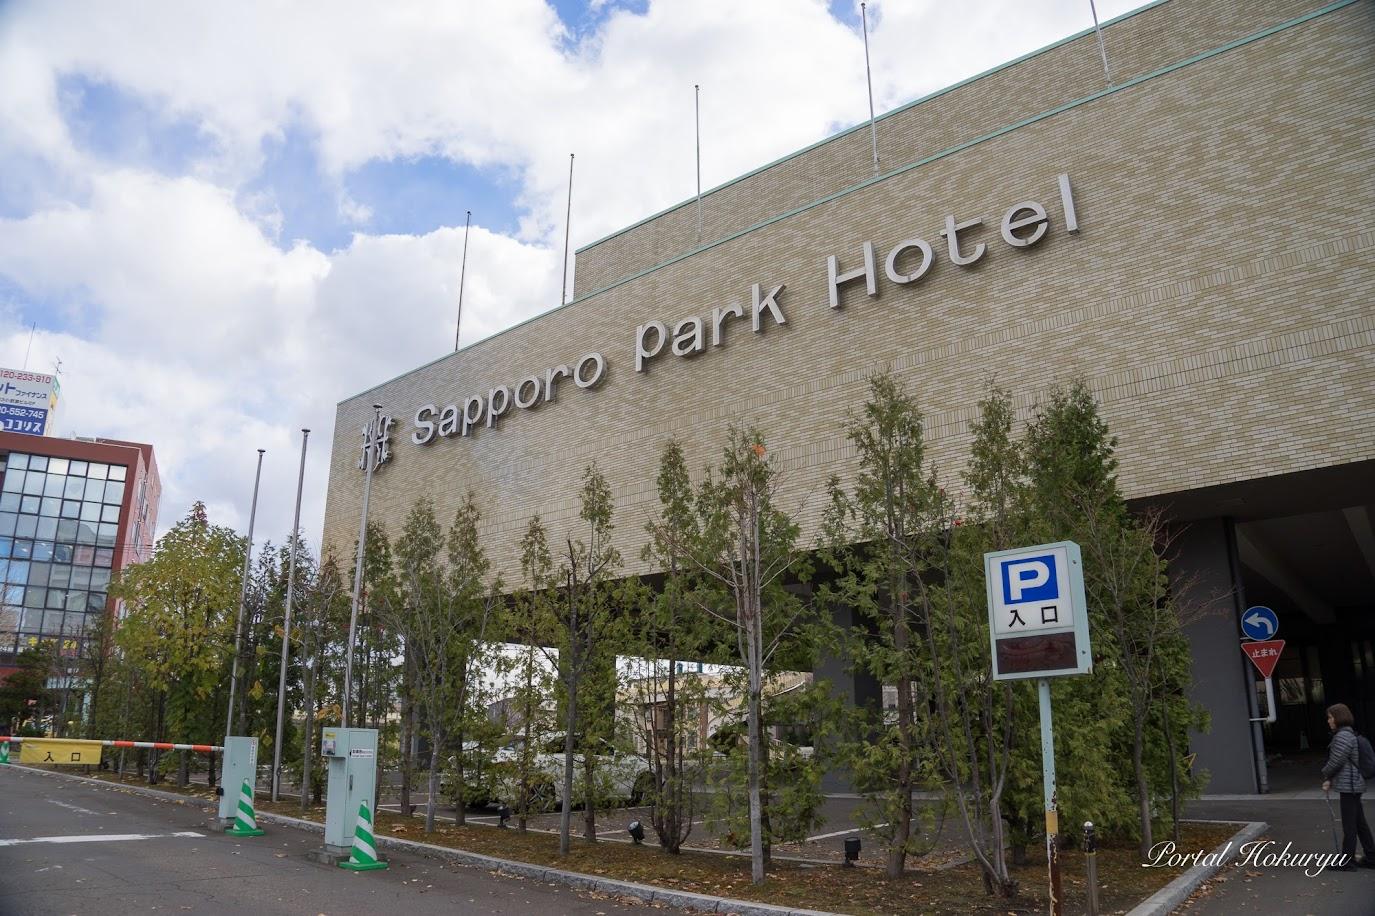 札幌パークホテル(札幌市)